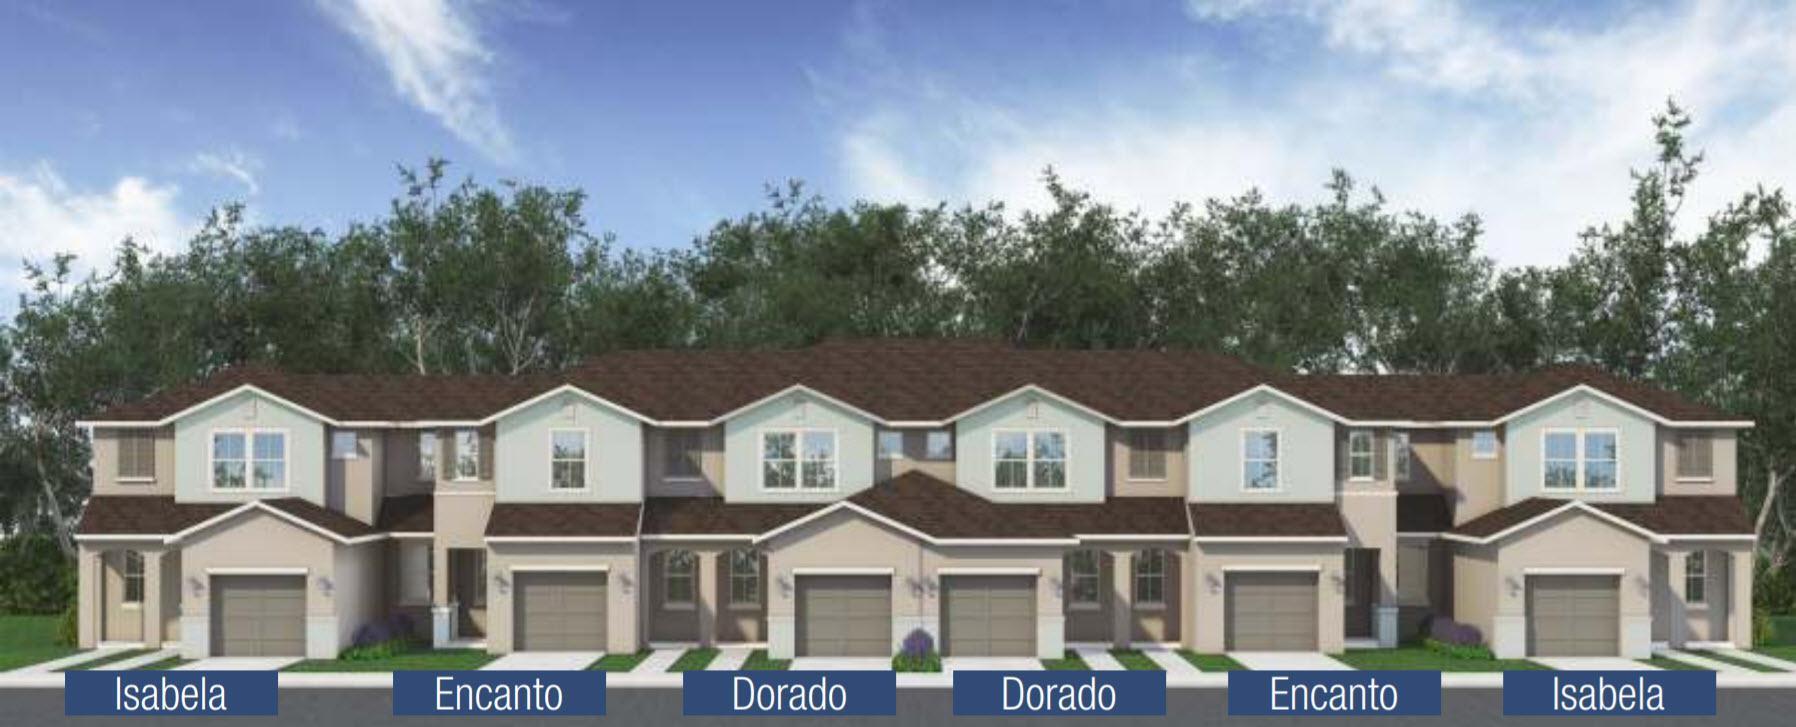 Brilliant New Homes Communities In Zip 32828 236 Communities Interior Design Ideas Gentotryabchikinfo